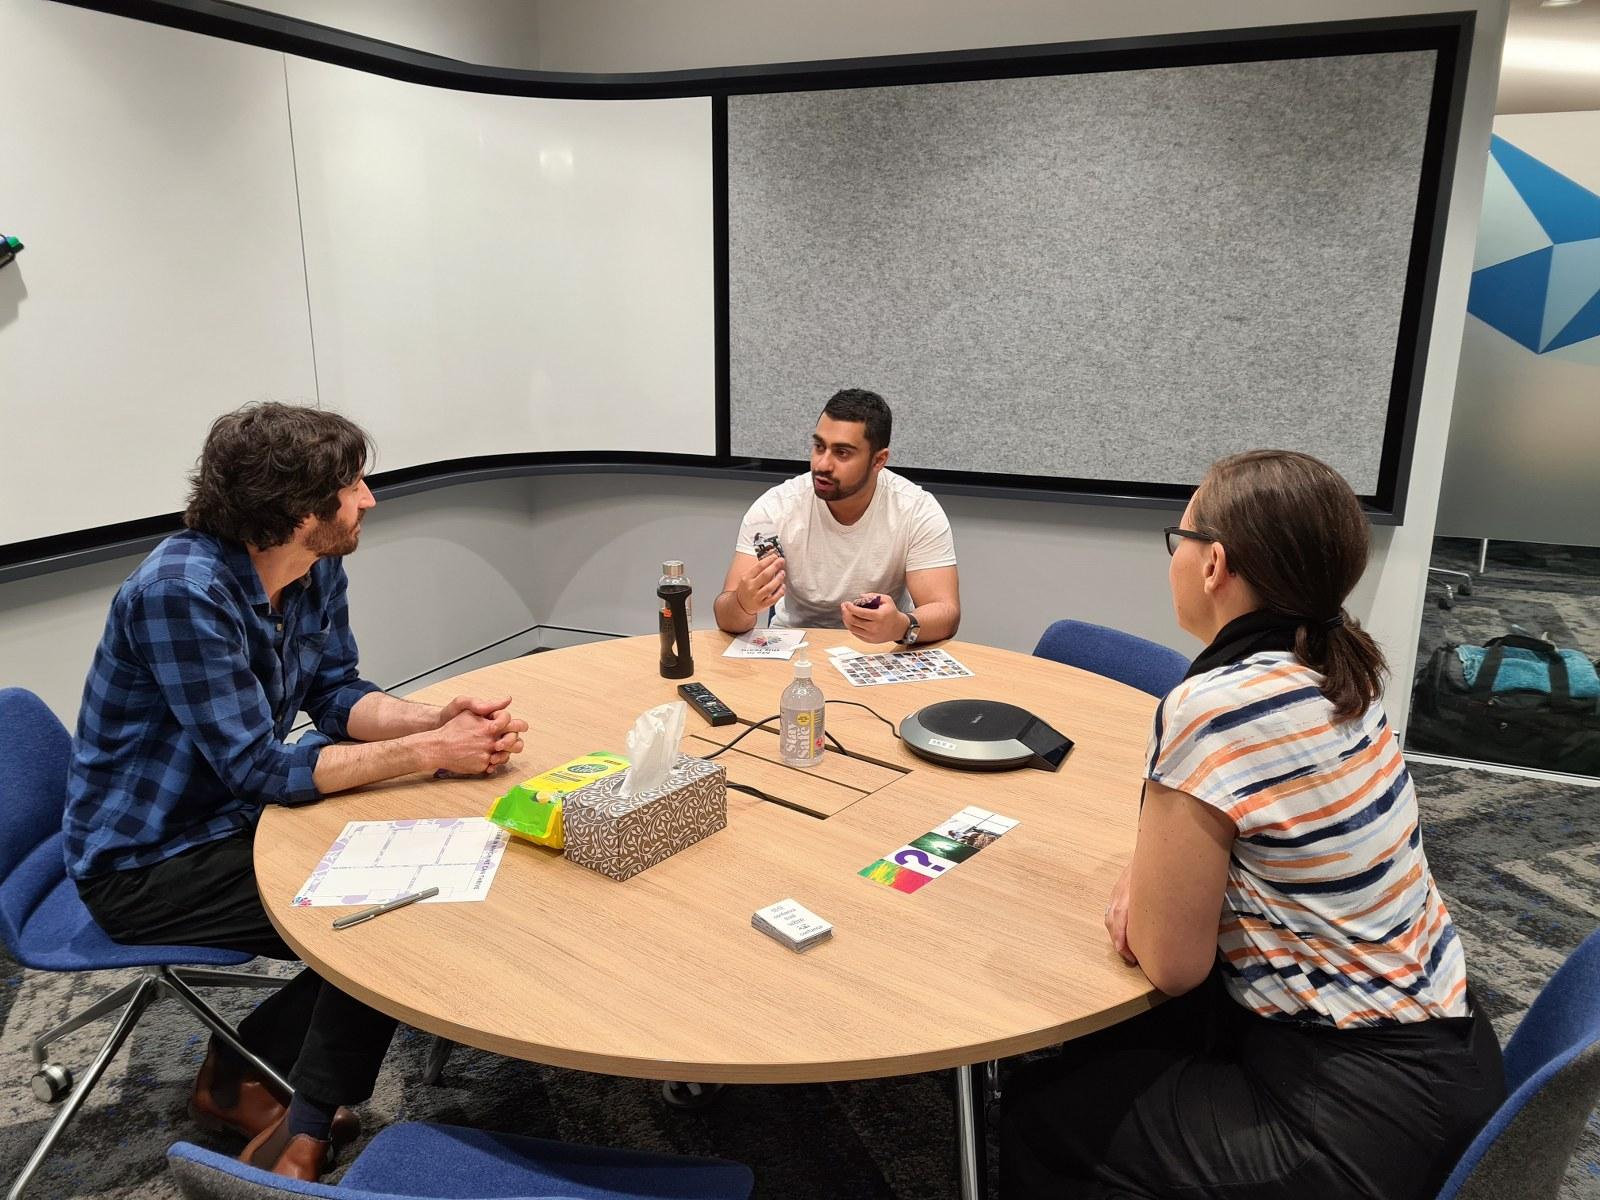 Collaborizza small group work